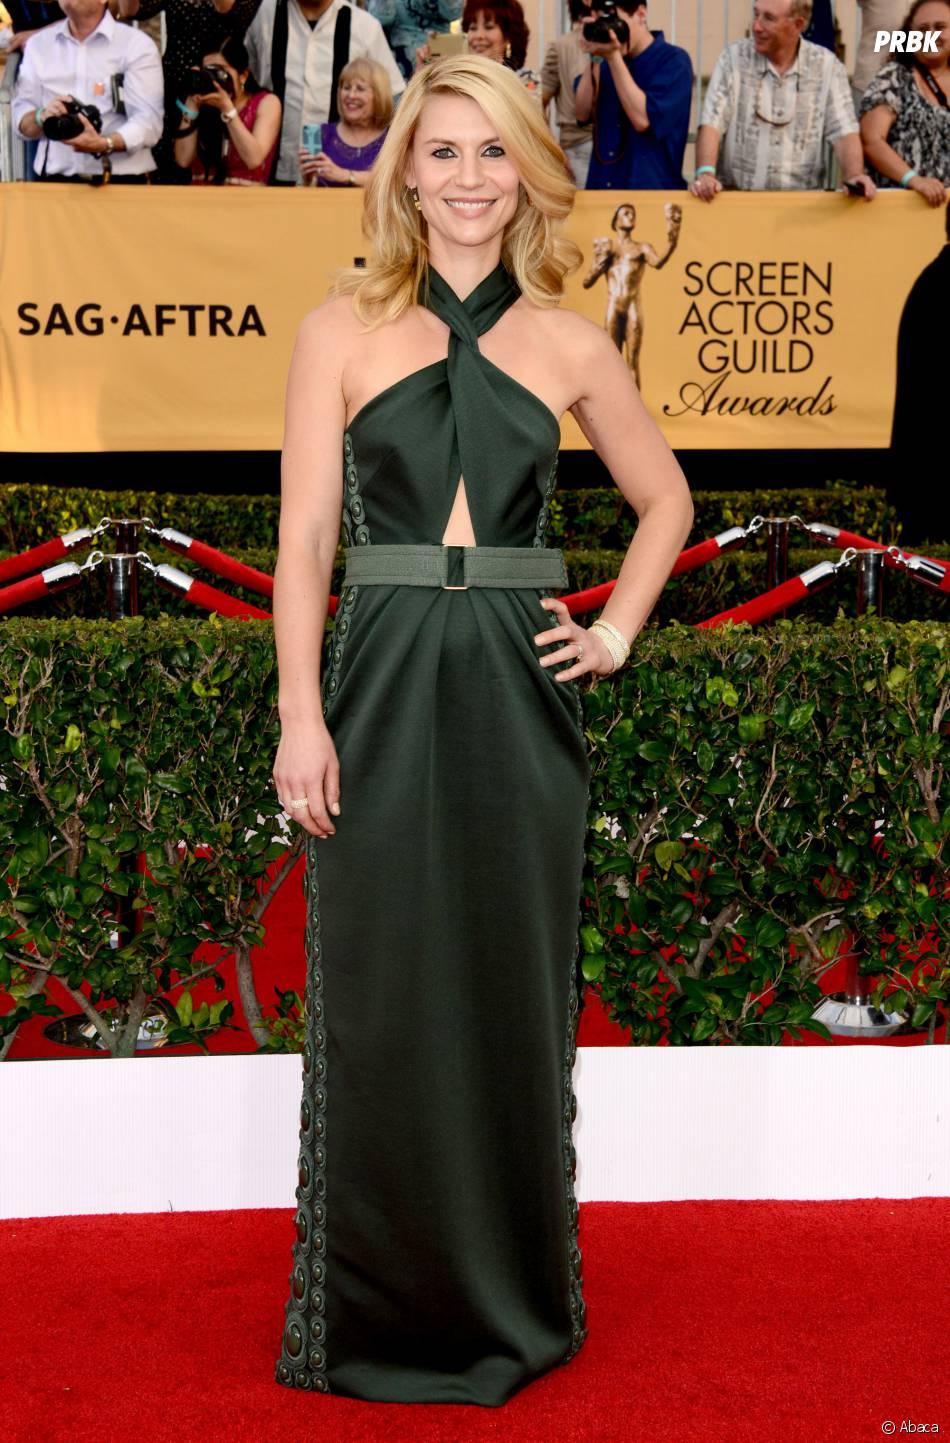 Claire Danes aux SAG Awards 2015, le 25 janvier 2015 à Los Angeles